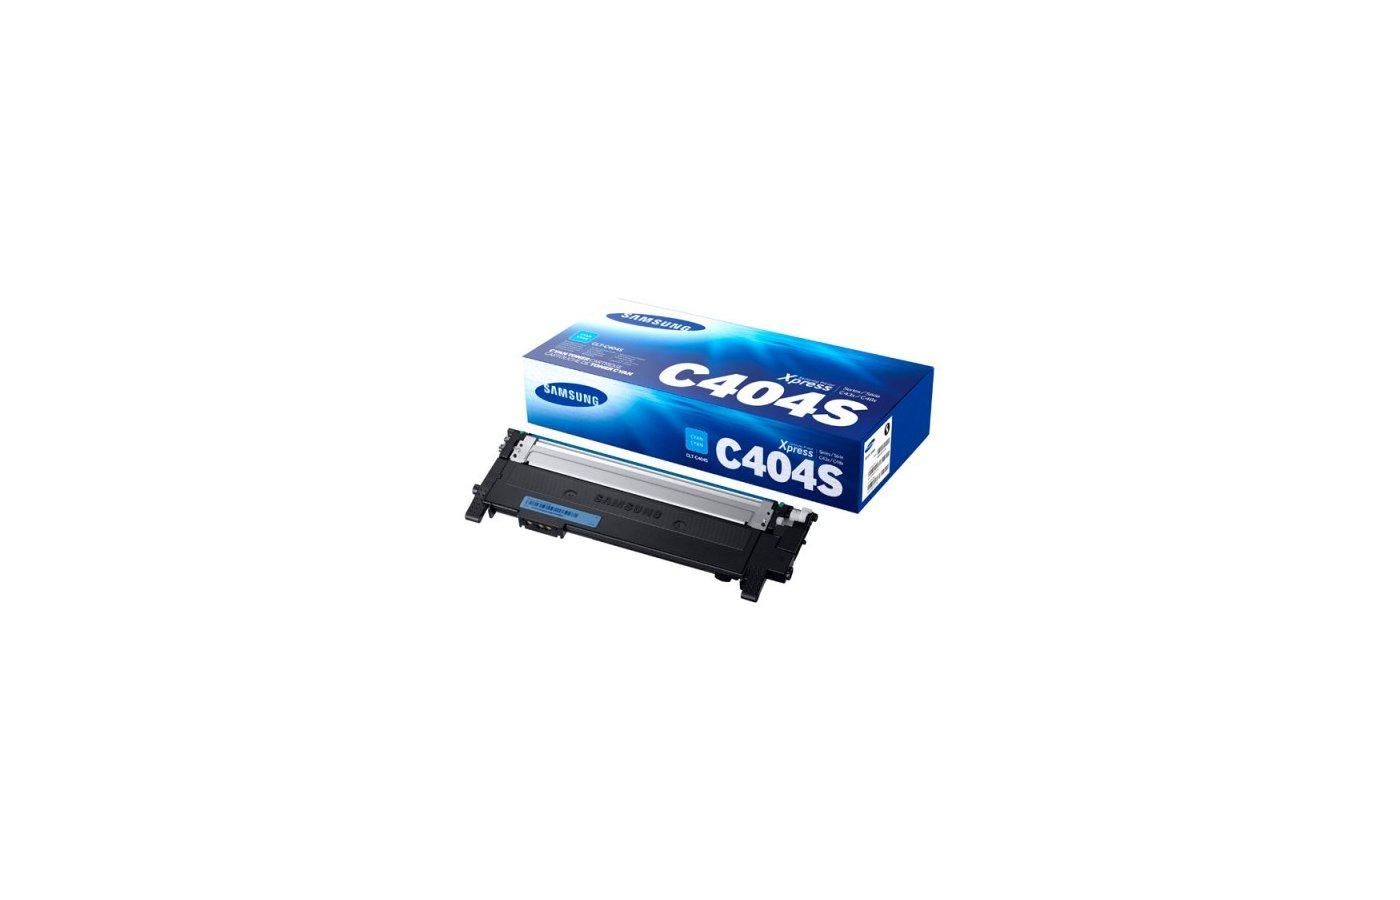 Картридж лазерный Samsung CLT-C404S/XEV голубой (1000стр.)